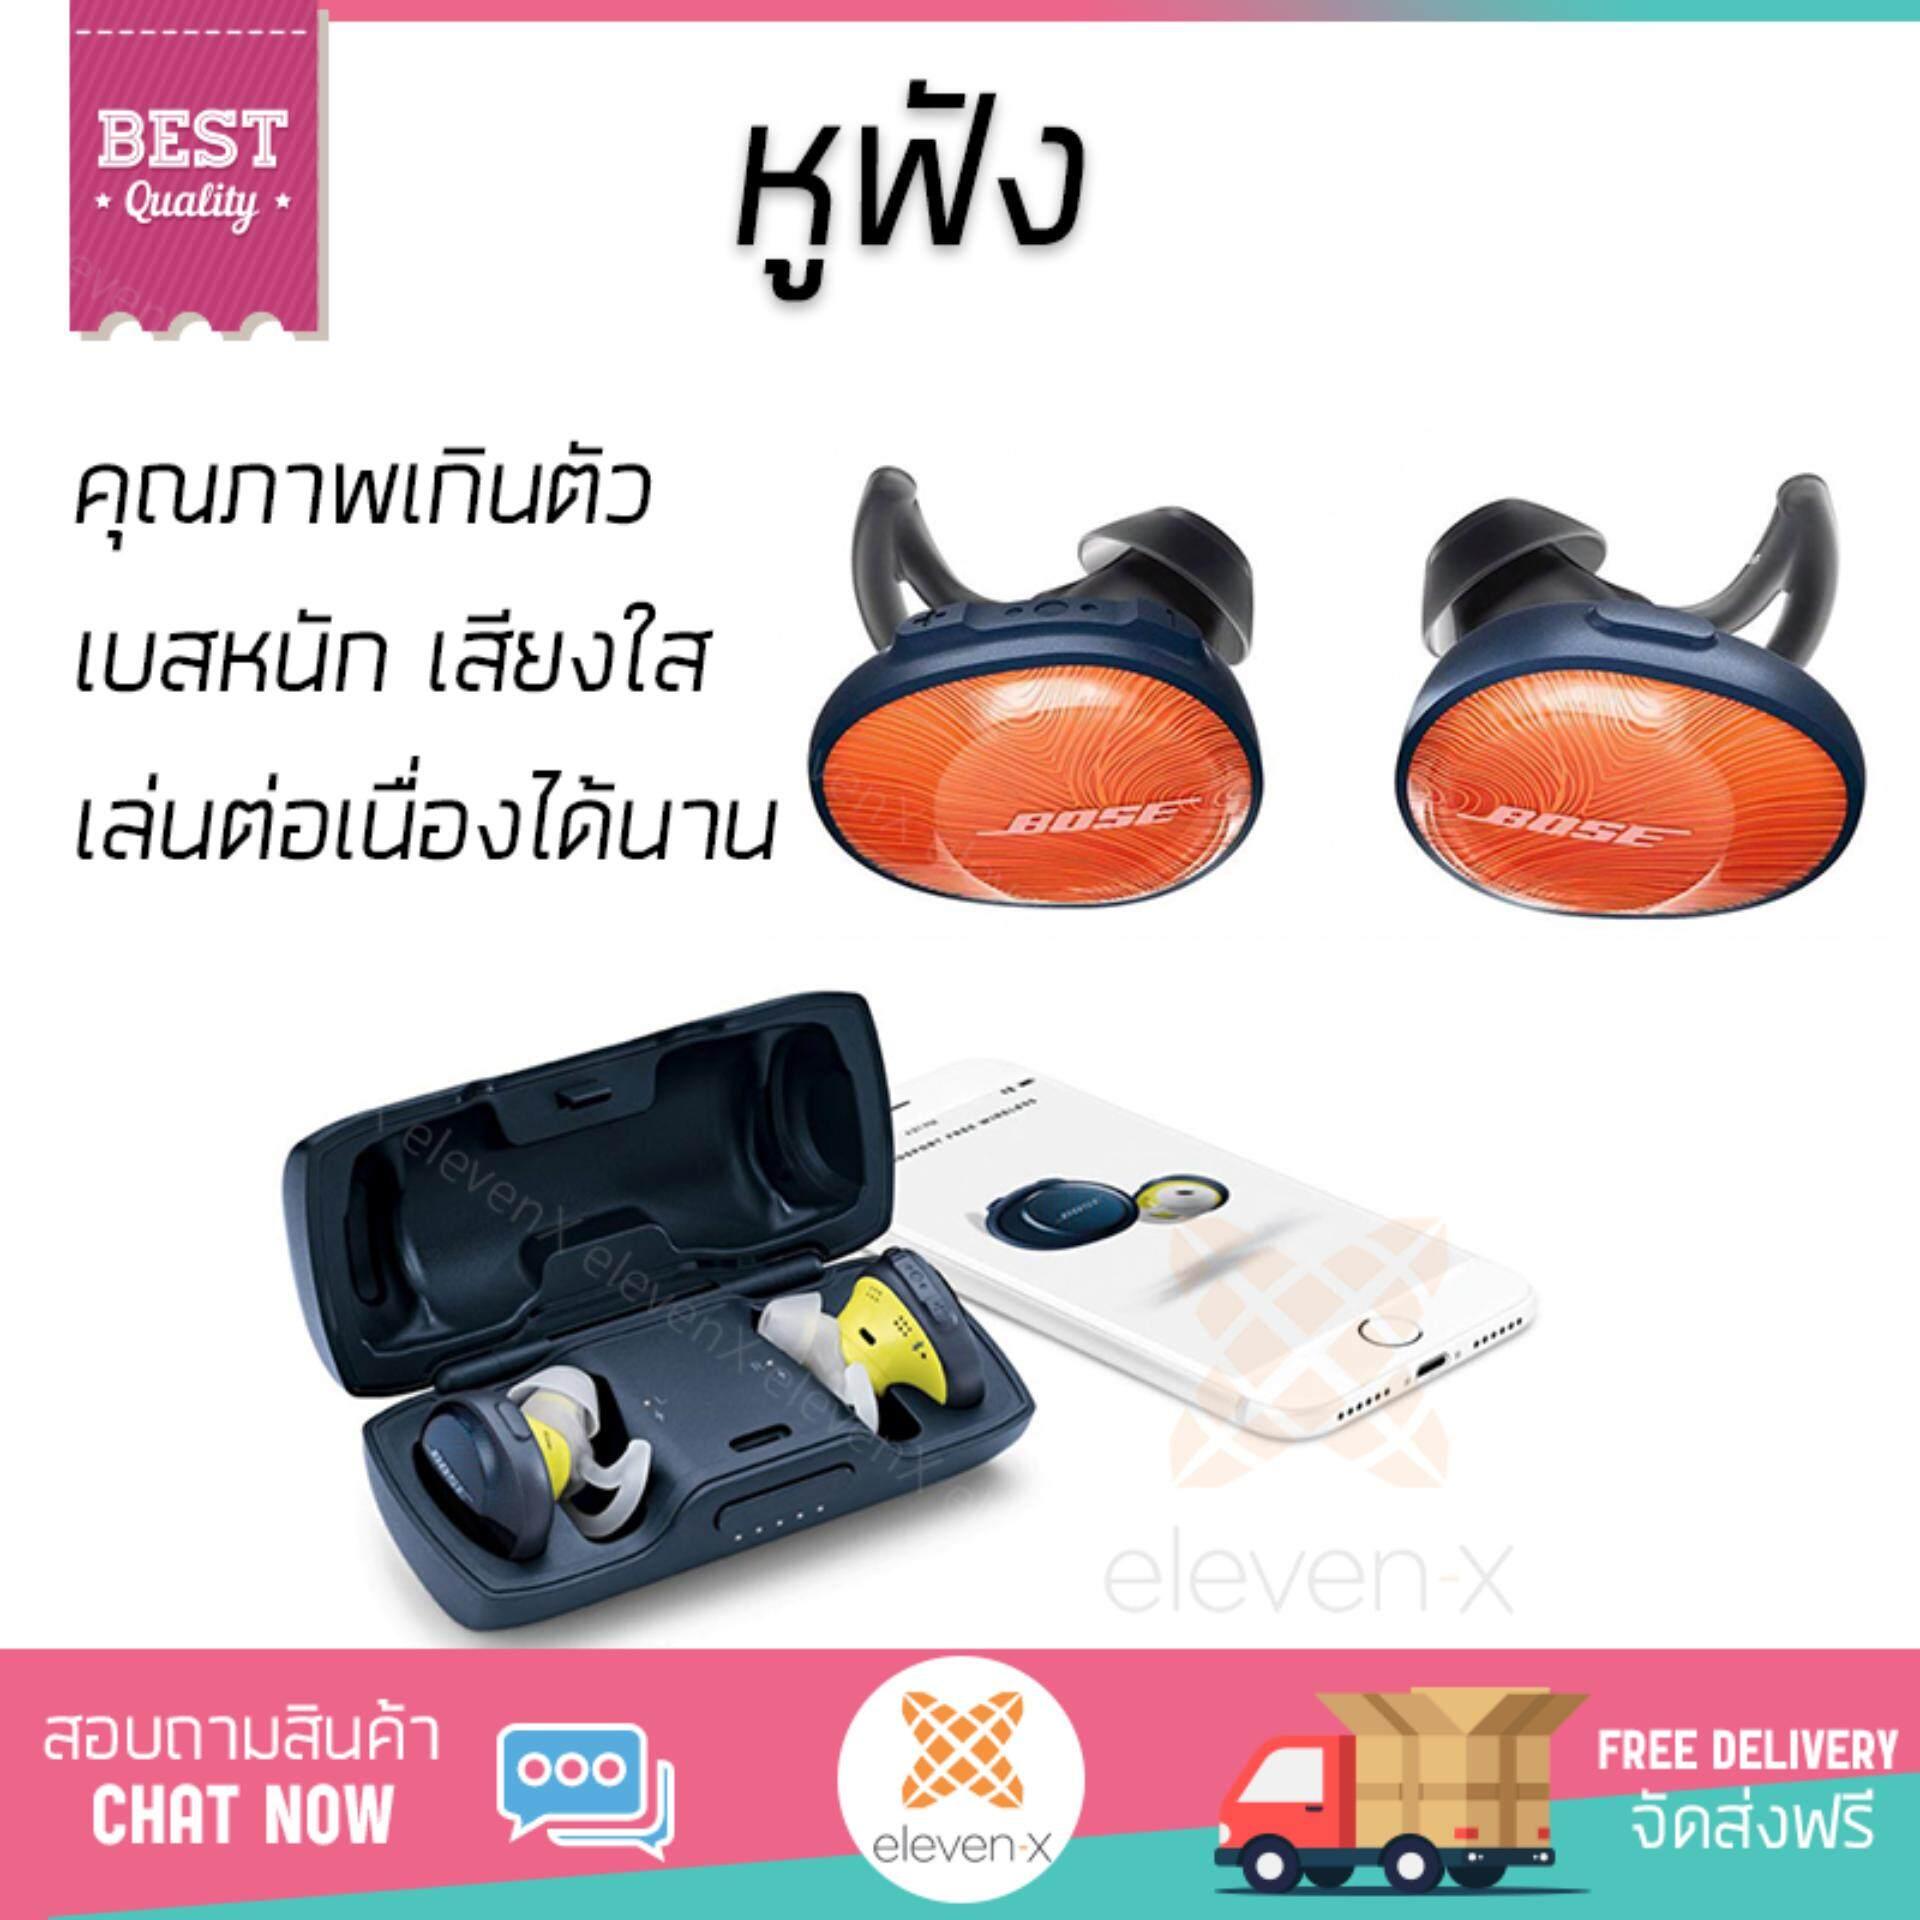 สอนใช้งาน  นครนายก ของแท้ หูฟัง Bose SoundSport Free Wireless Headphones Orange เบสหนัก เสียงใส คุณภาพเกินตัว Headphone รับประกัน 1 ปี จัดส่งฟรีทั่วประเทศ